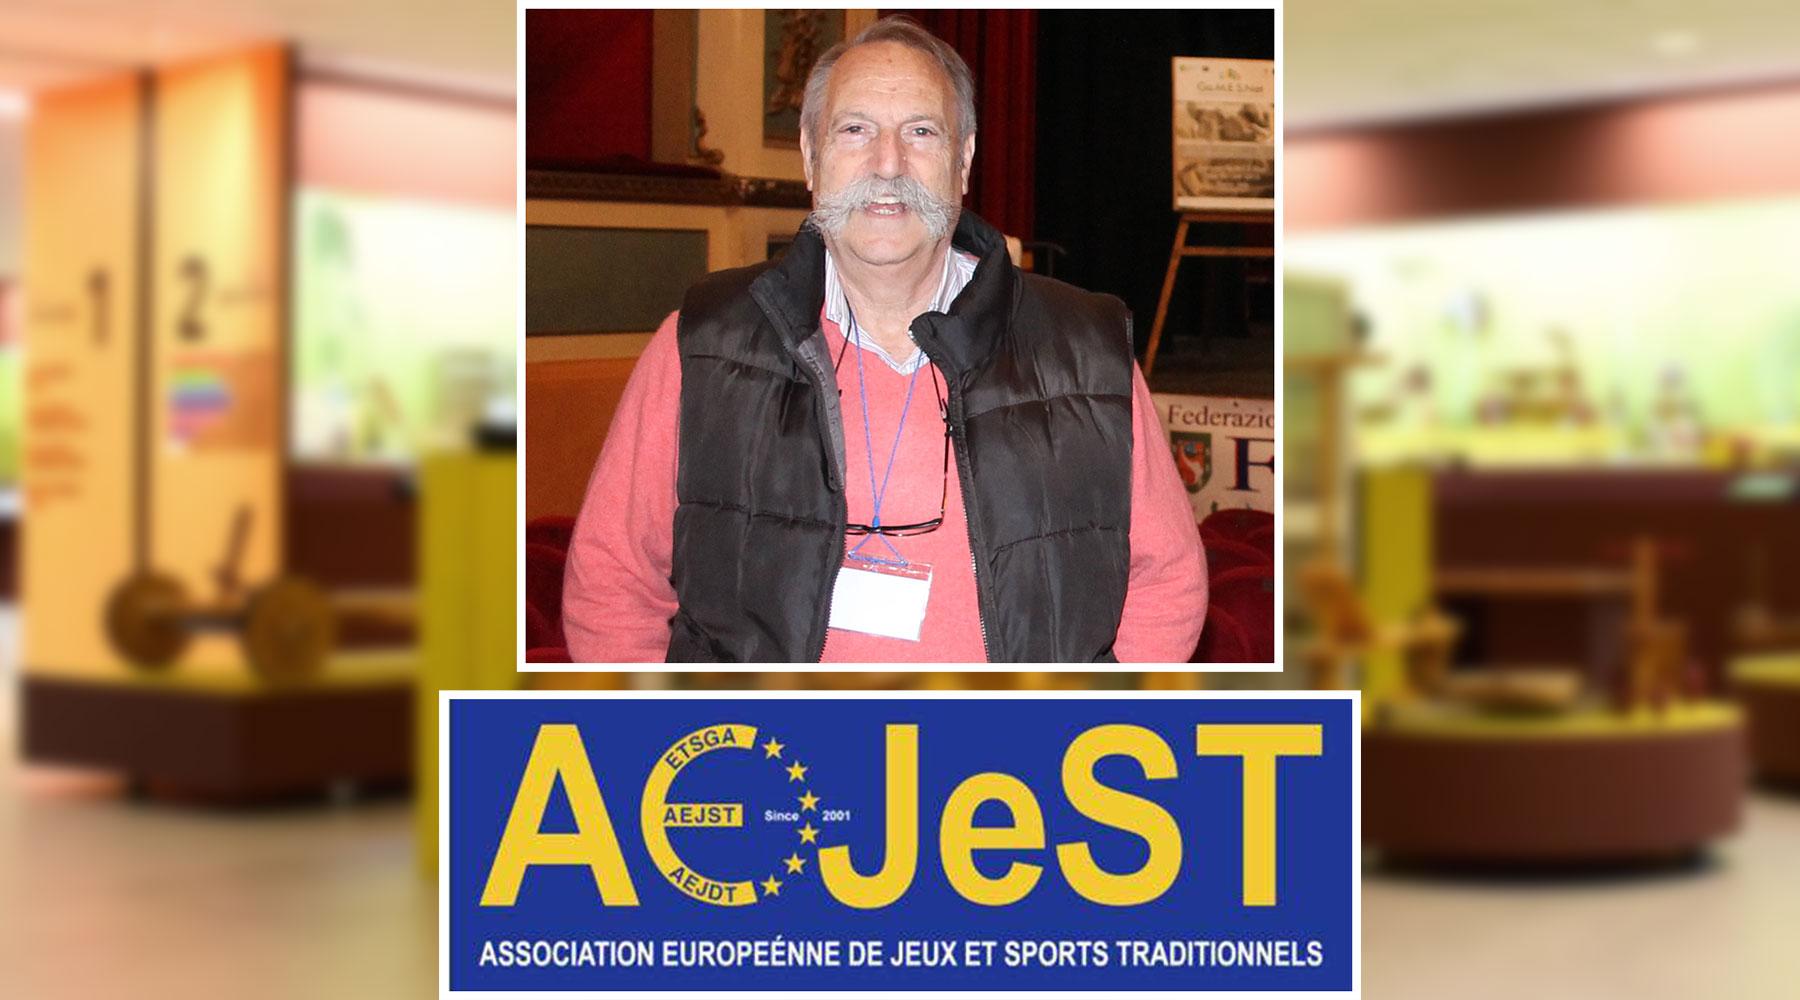 XIX Asamblea Europea de Juegos y Deportes Tradicionales